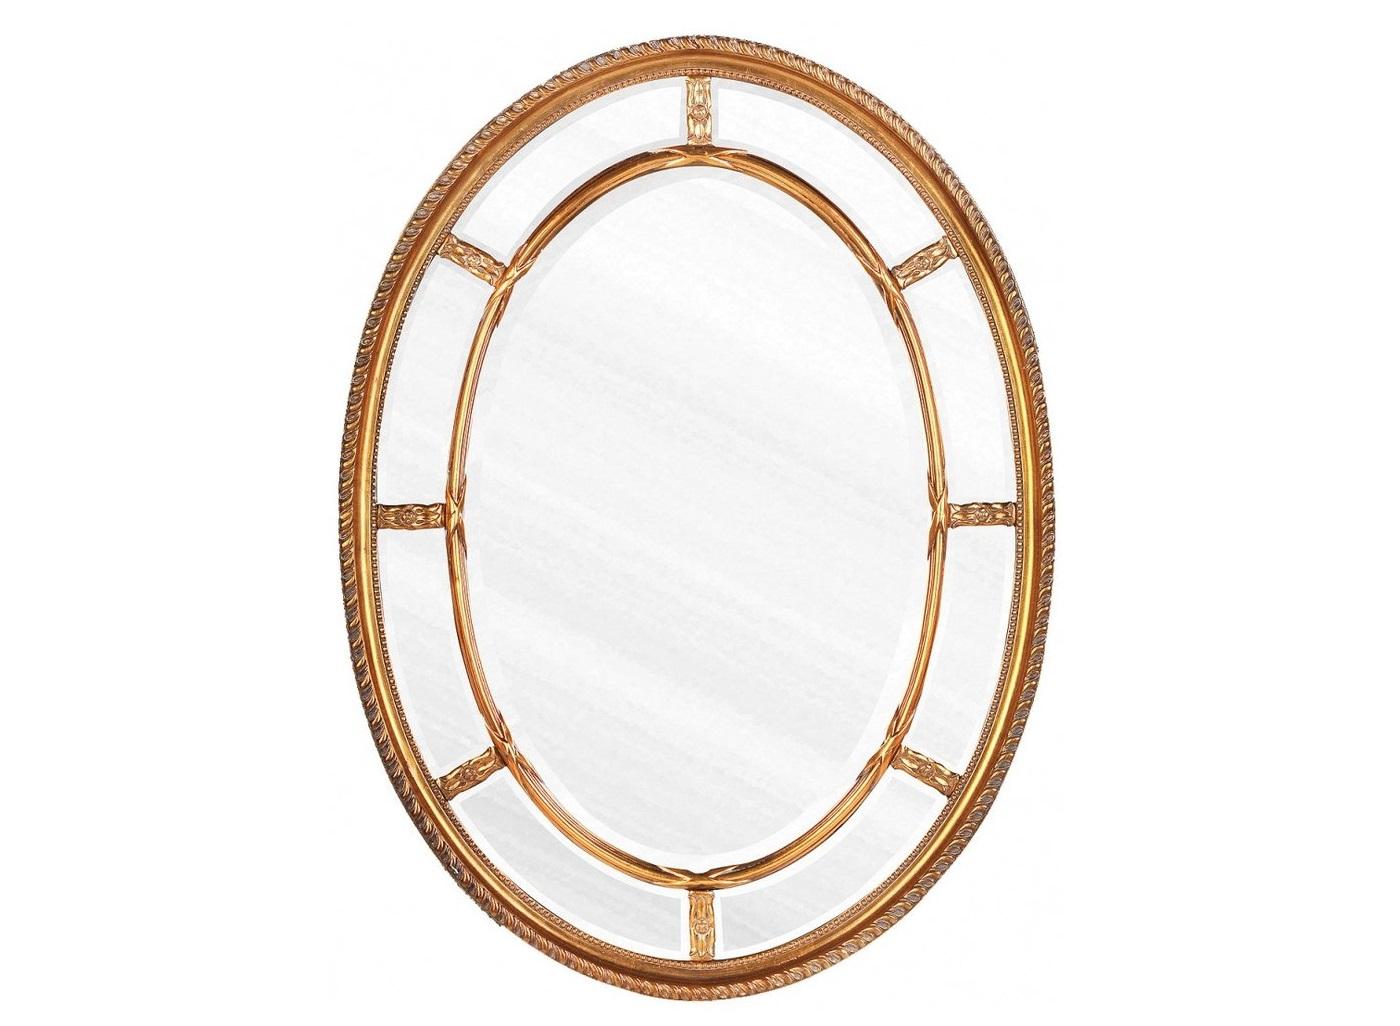 Зеркало МоденаНастенные зеркала<br><br><br>Material: МДФ<br>Width см: 84<br>Depth см: 5<br>Height см: 112